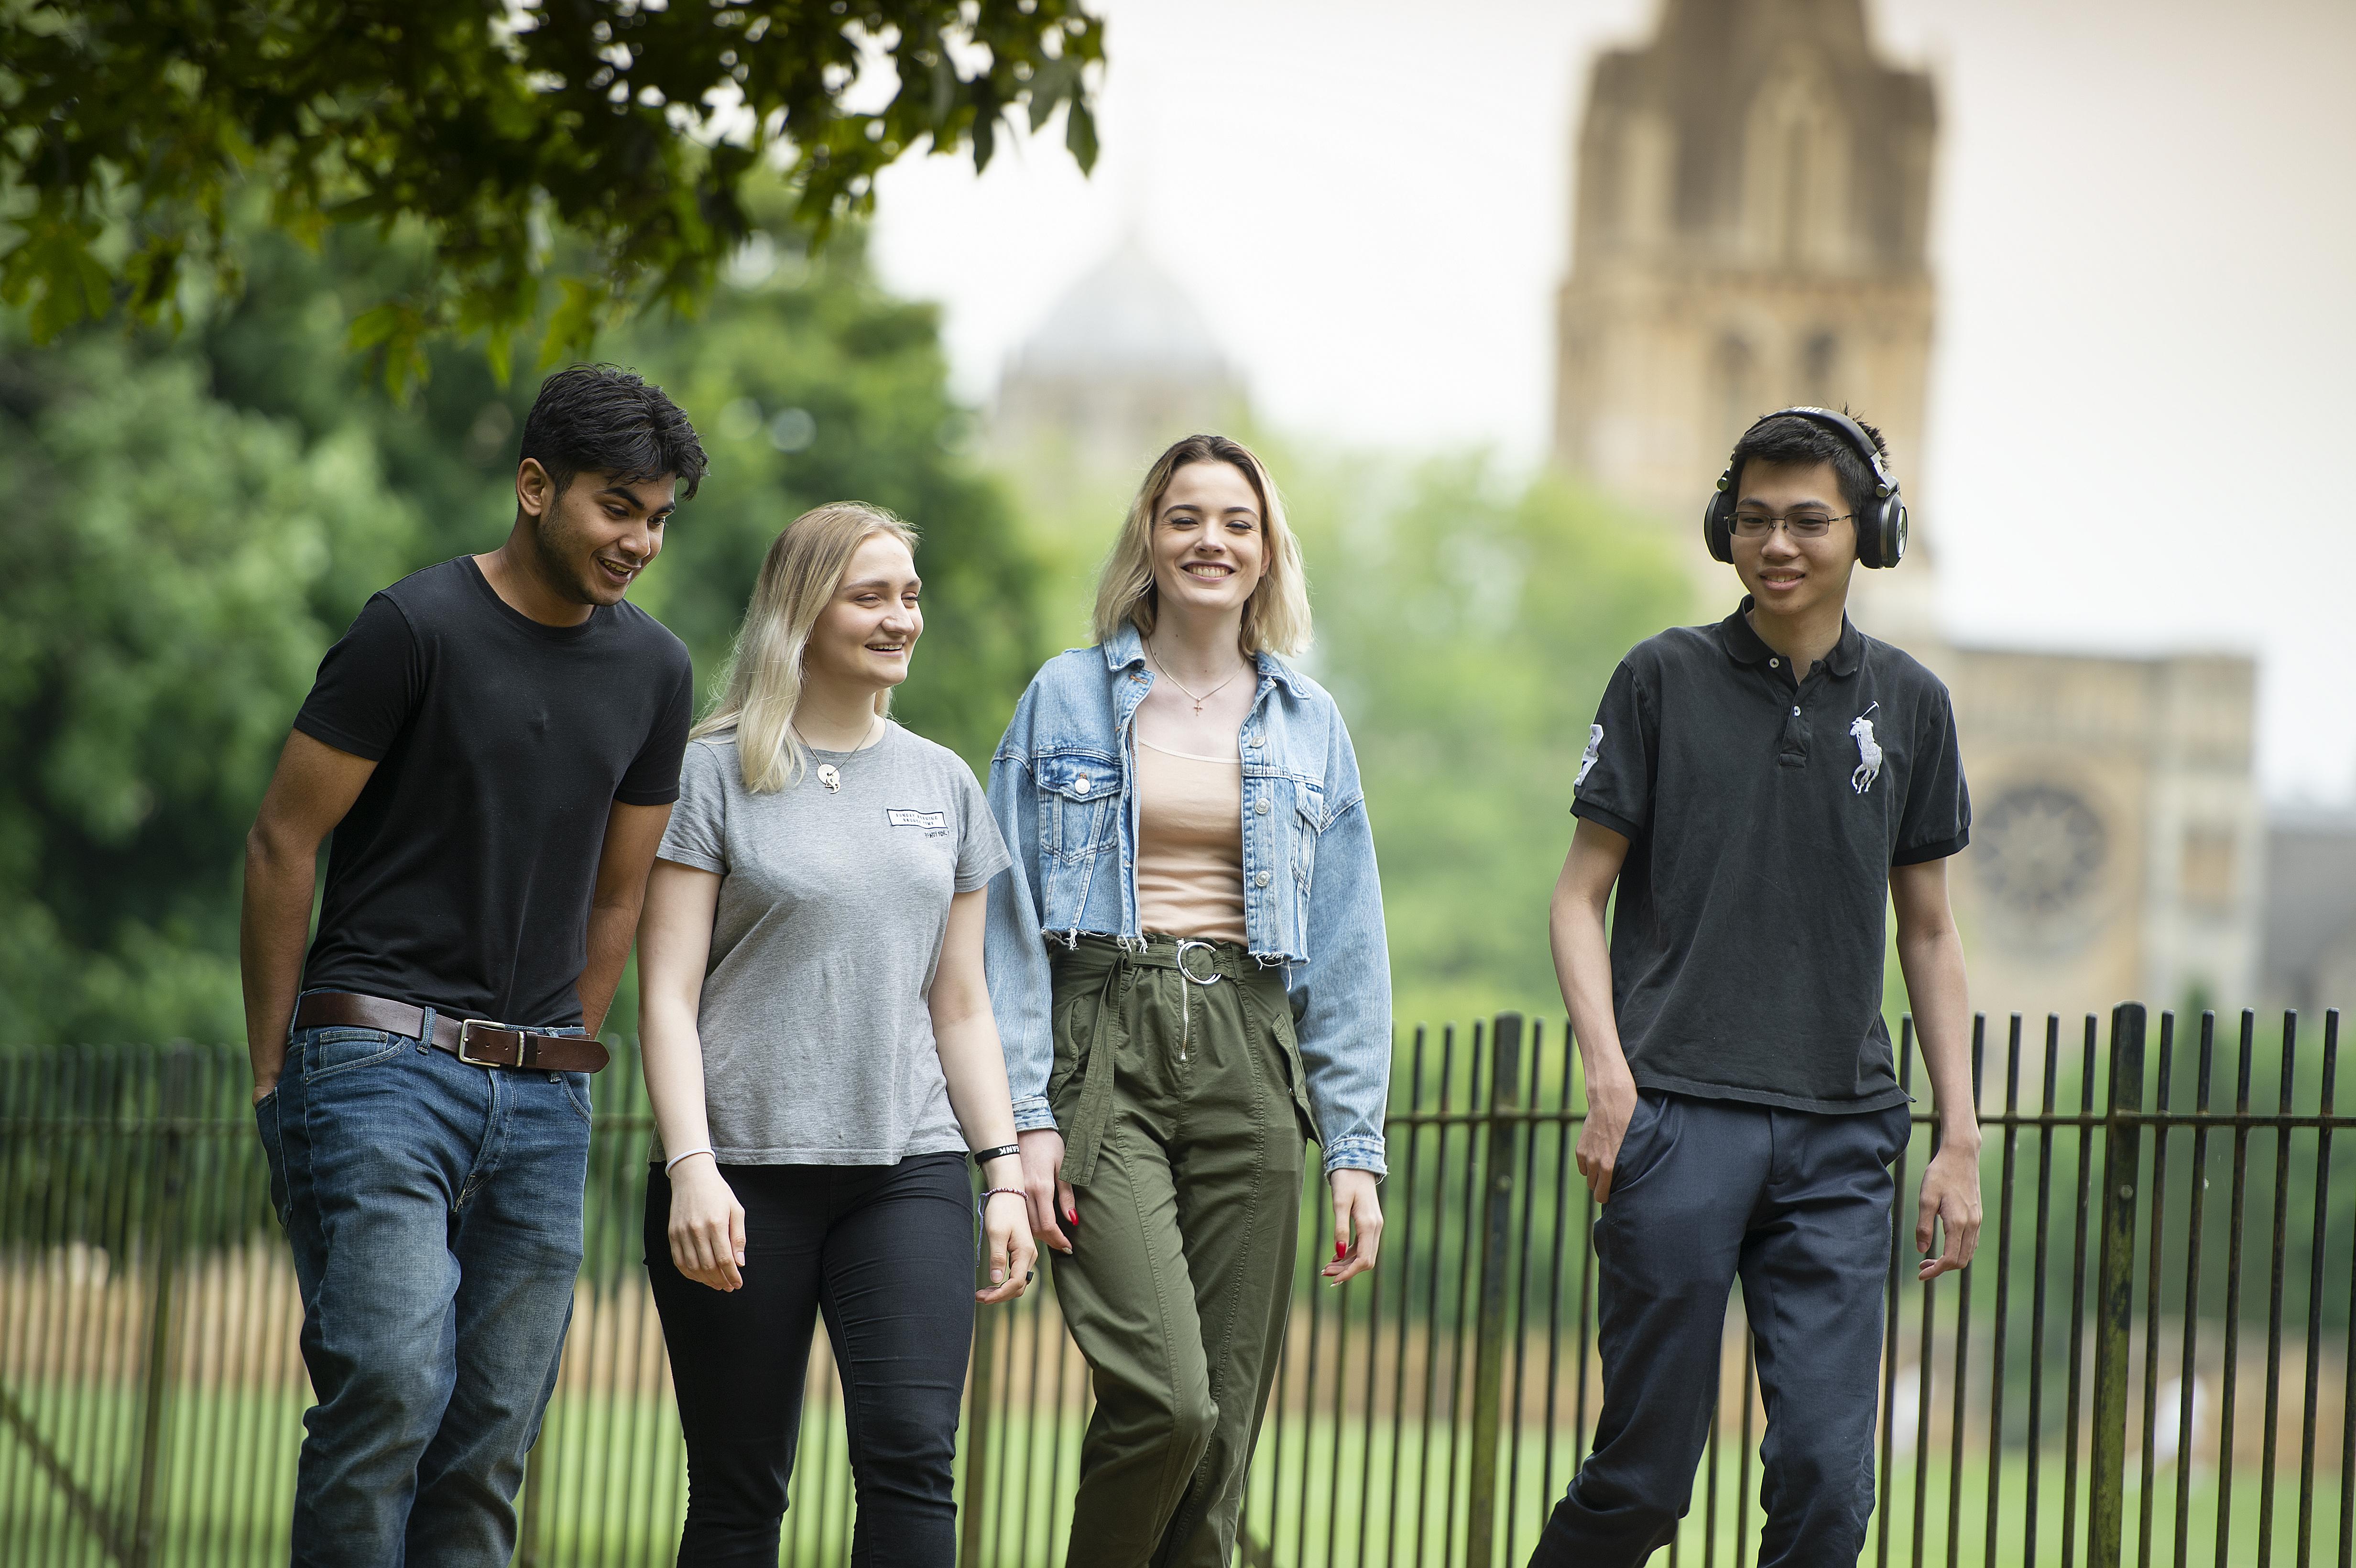 Gap Year Program - Campus Oxford: Gap Year Programs in United Kingdom  6